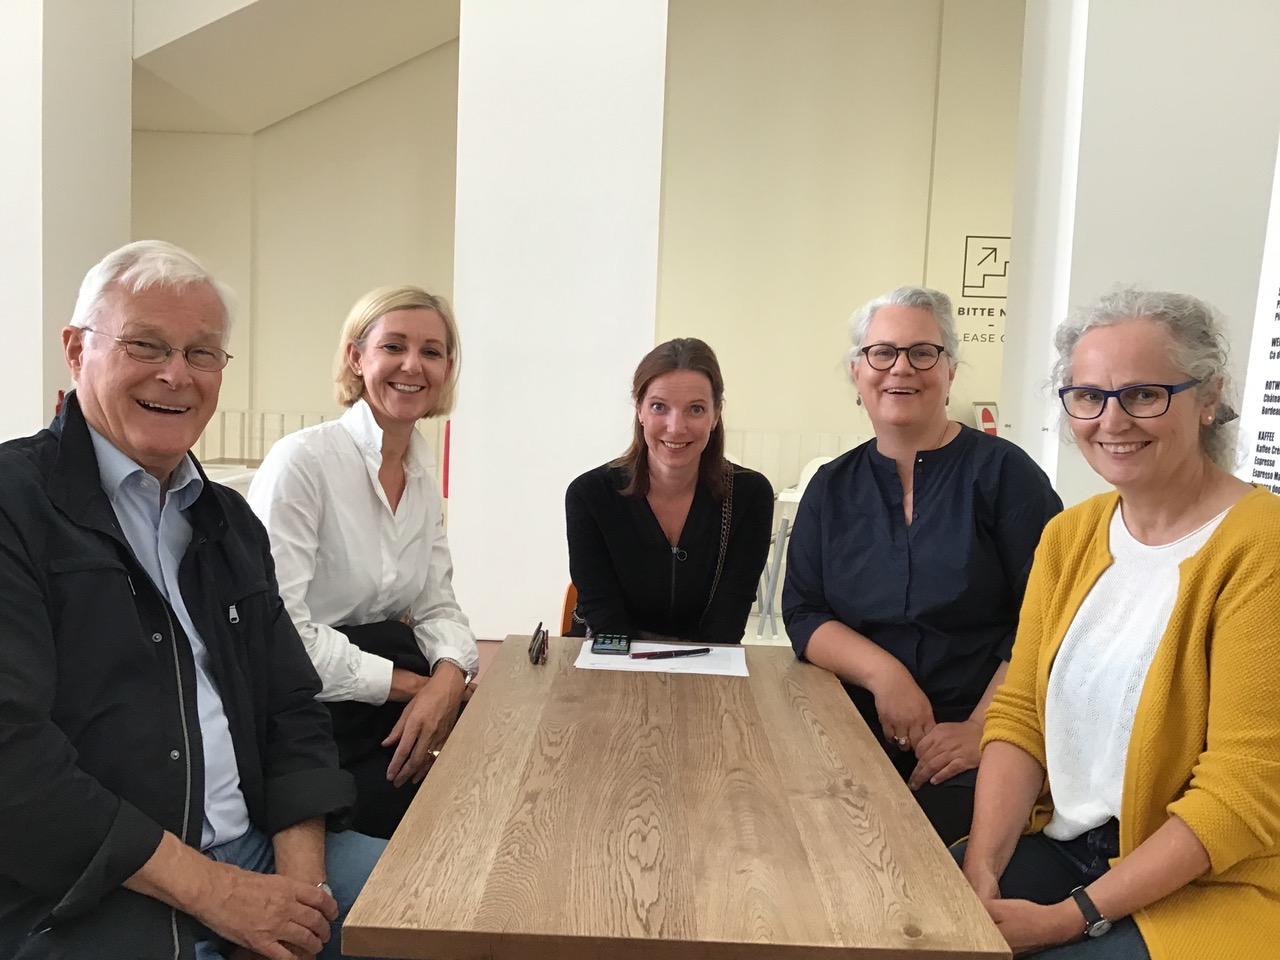 Excursion zum Kunstpalast in Düsseldorf mit dem Vorstand AK Museum (C:Herma Karg)